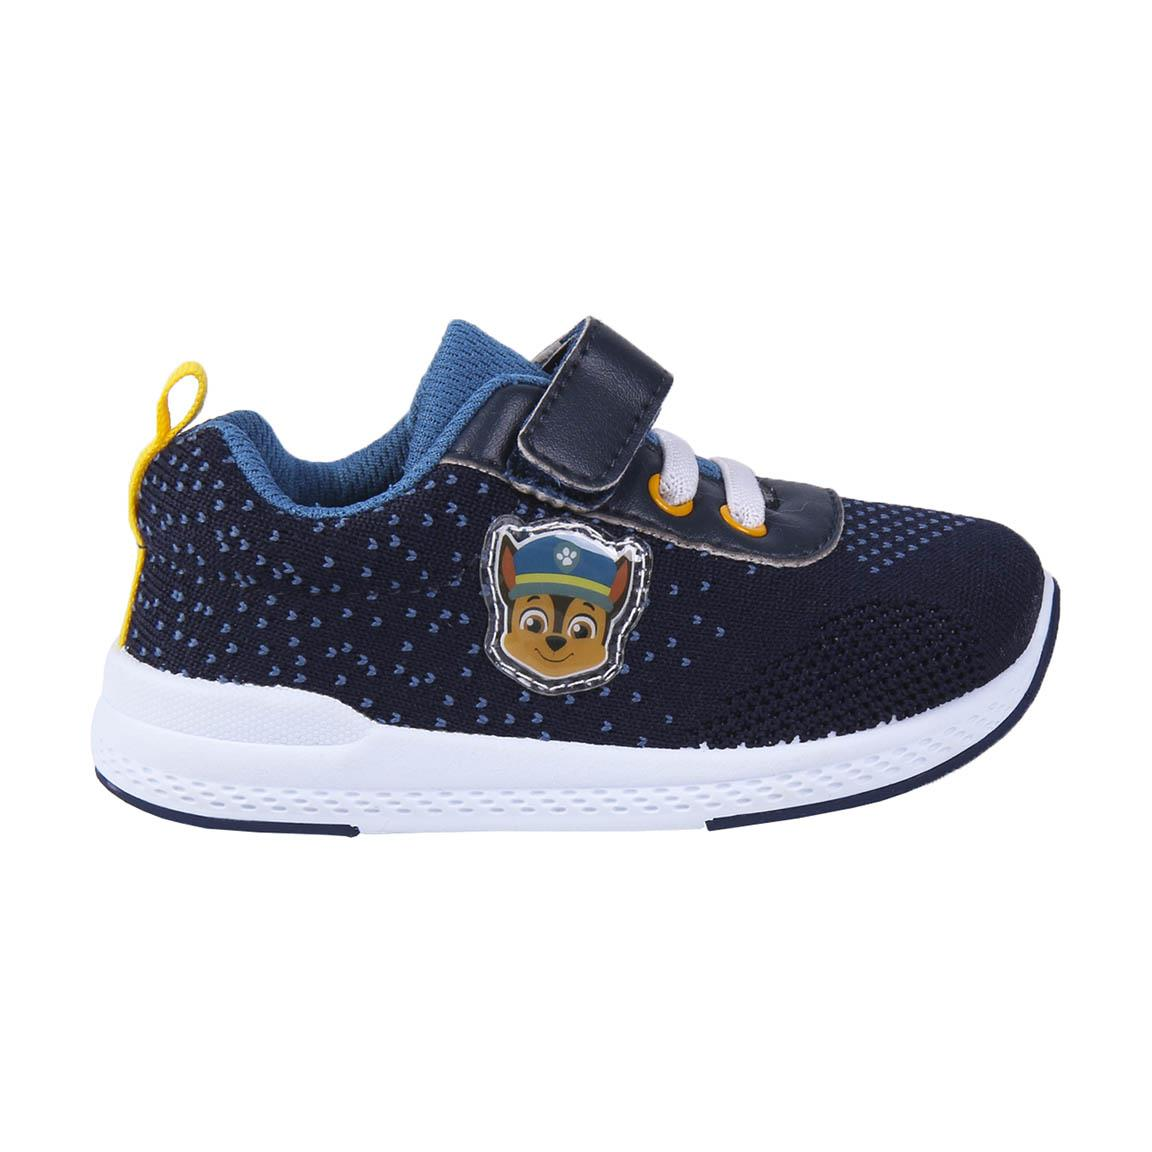 Αγόρι Sneaker Paw Patrol μπλέ 2300004935